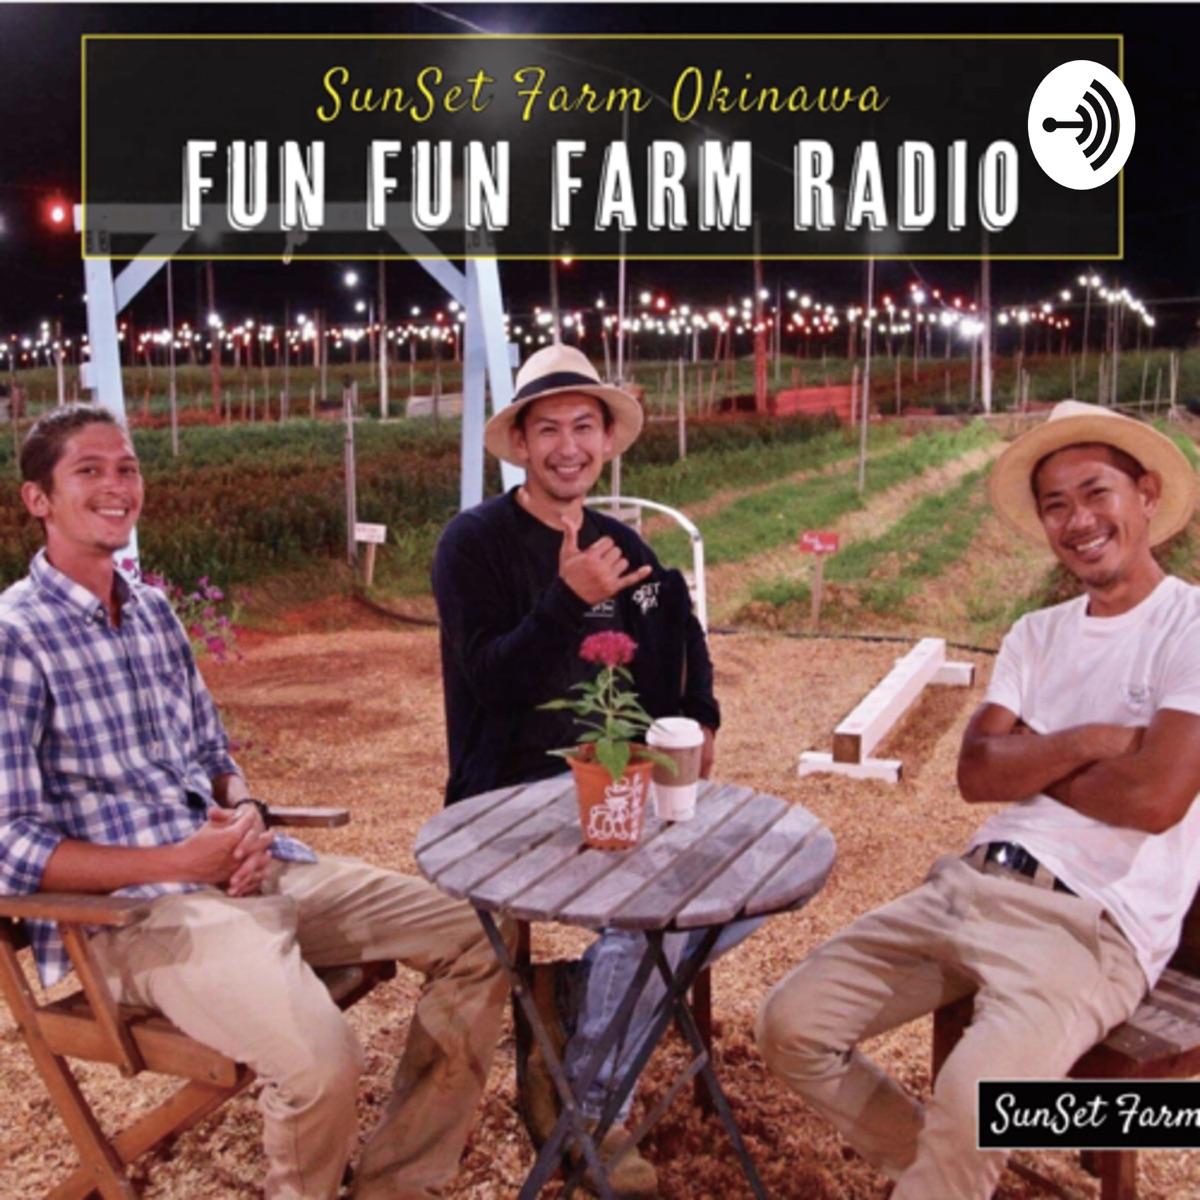 農家が送るトーク番組『 Fun Fun Farm Radio 』